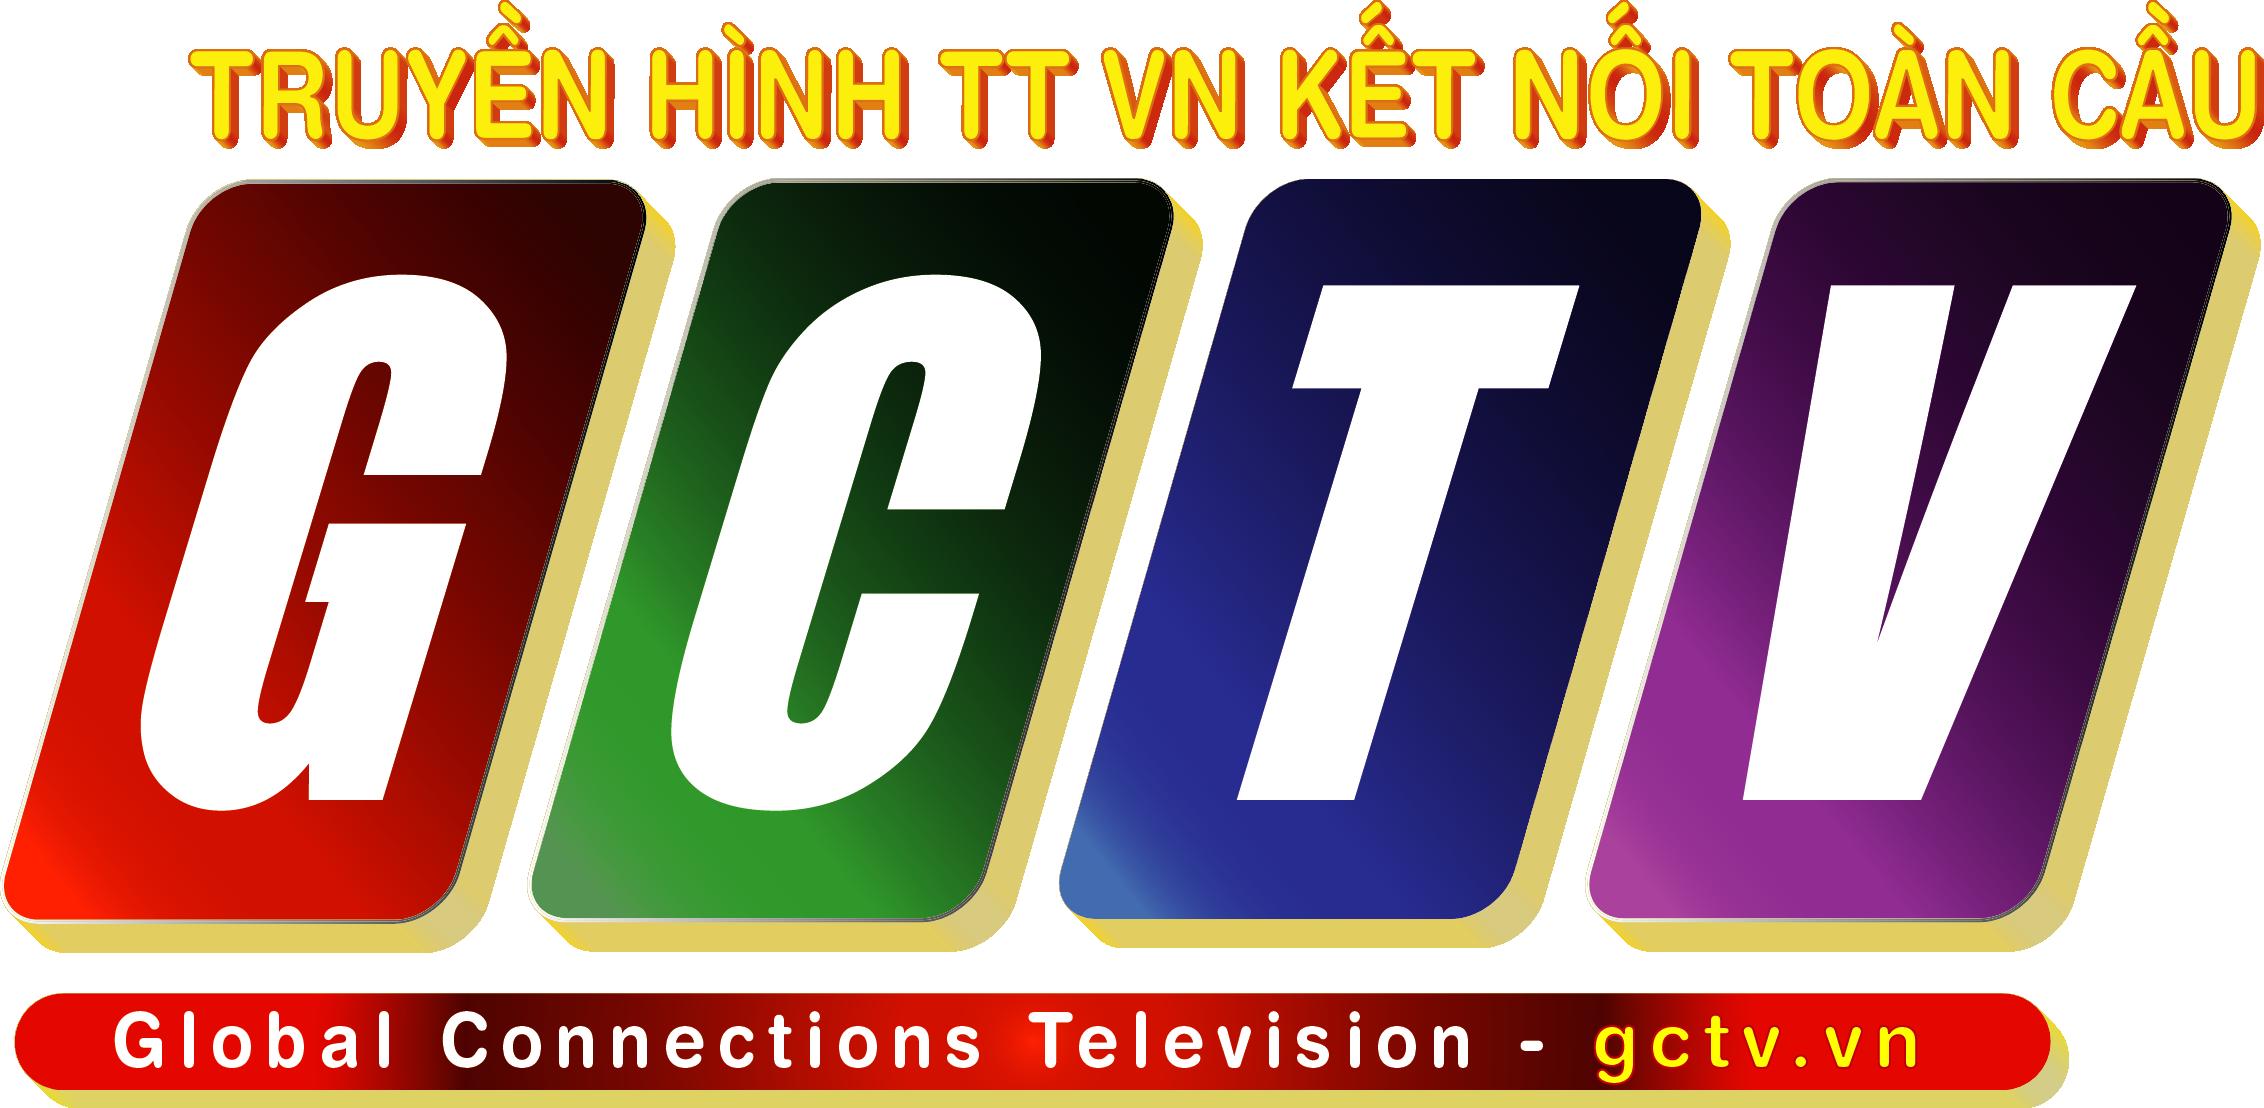 truyền hình trực tuyến GCTV - đối tác oraido mentor